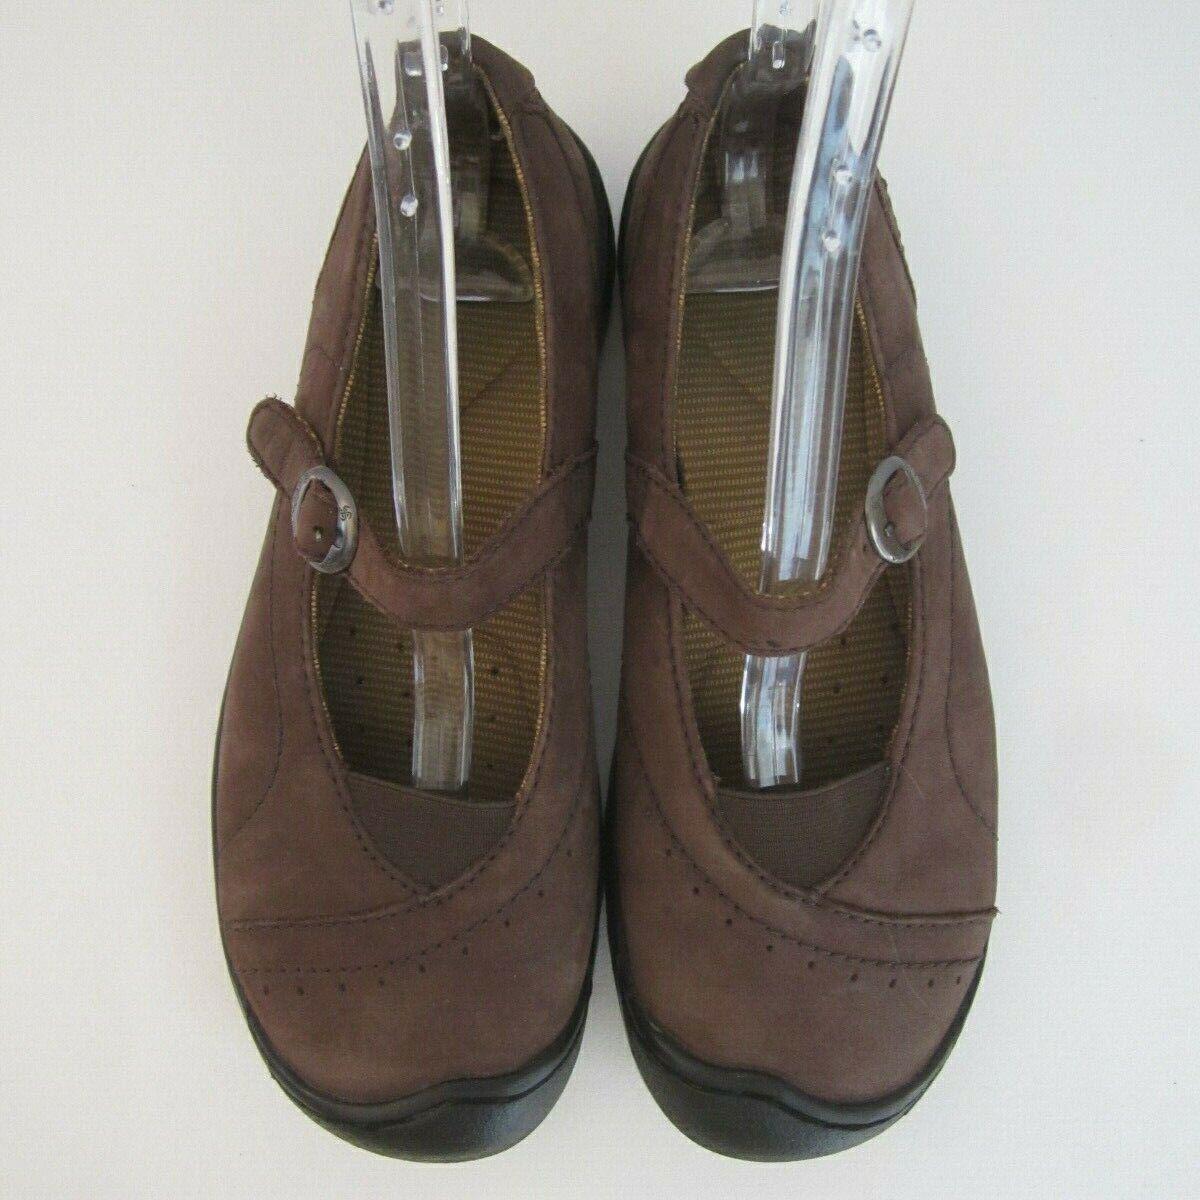 grandi offerte KEEN Mary Janes Marronee Marronee Marronee Leather donna scarpe Dimensione 7.5 Medium Eur 38  Comfort  elementi di novità